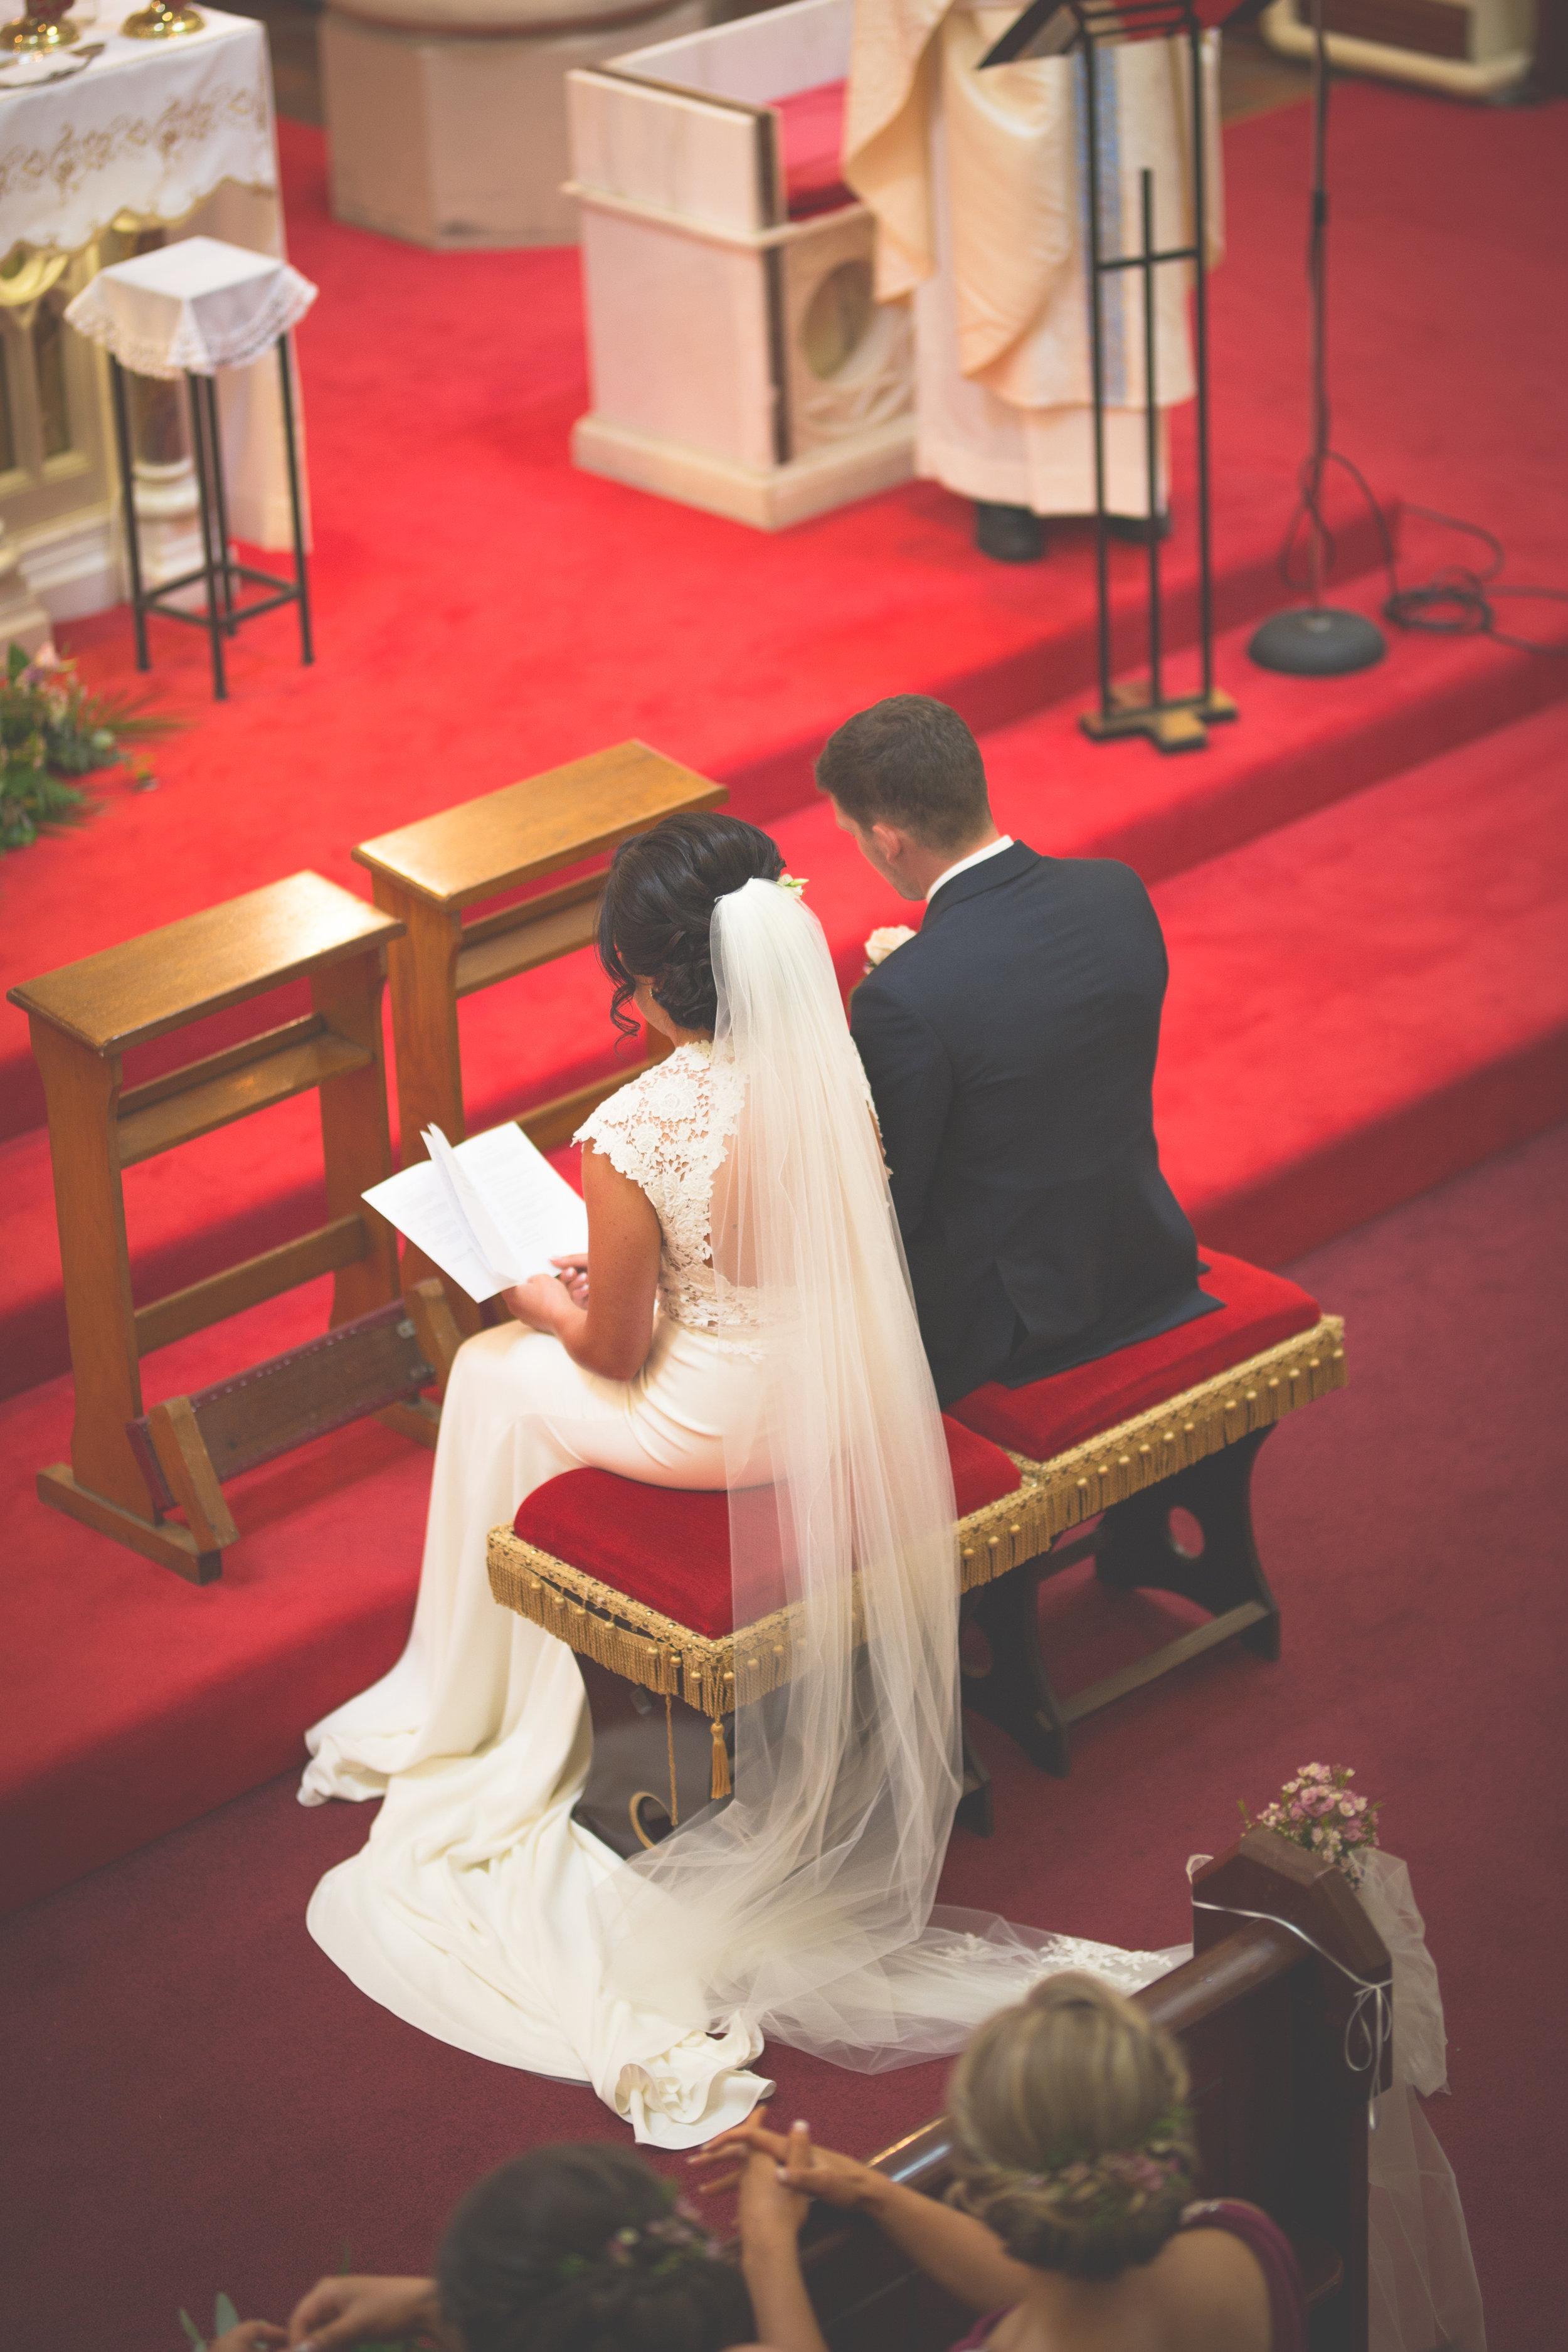 Brian McEwan Wedding Photography   Carol-Anne & Sean   The Ceremony-66.jpg